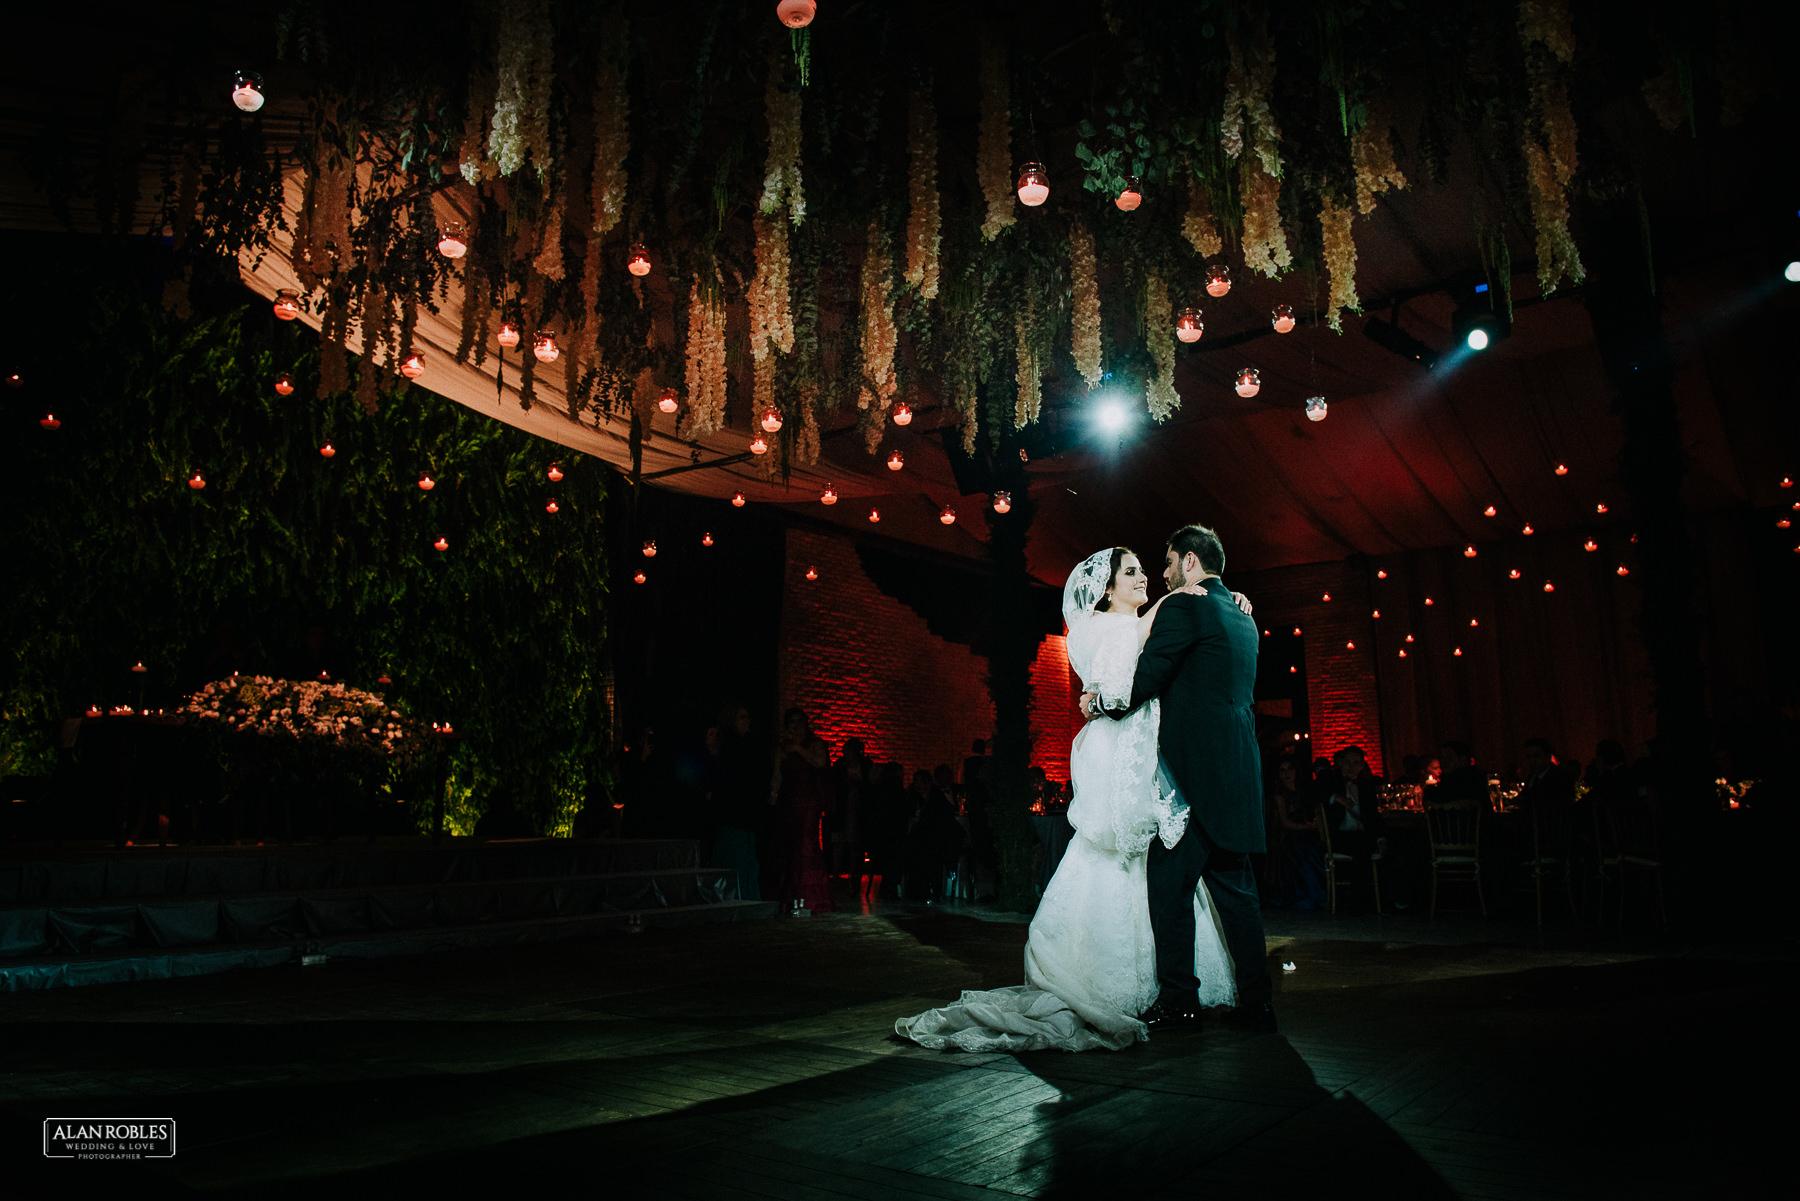 Fotografo de bodas Alan Robles-Casa Clementina Guadalajara DyA-61